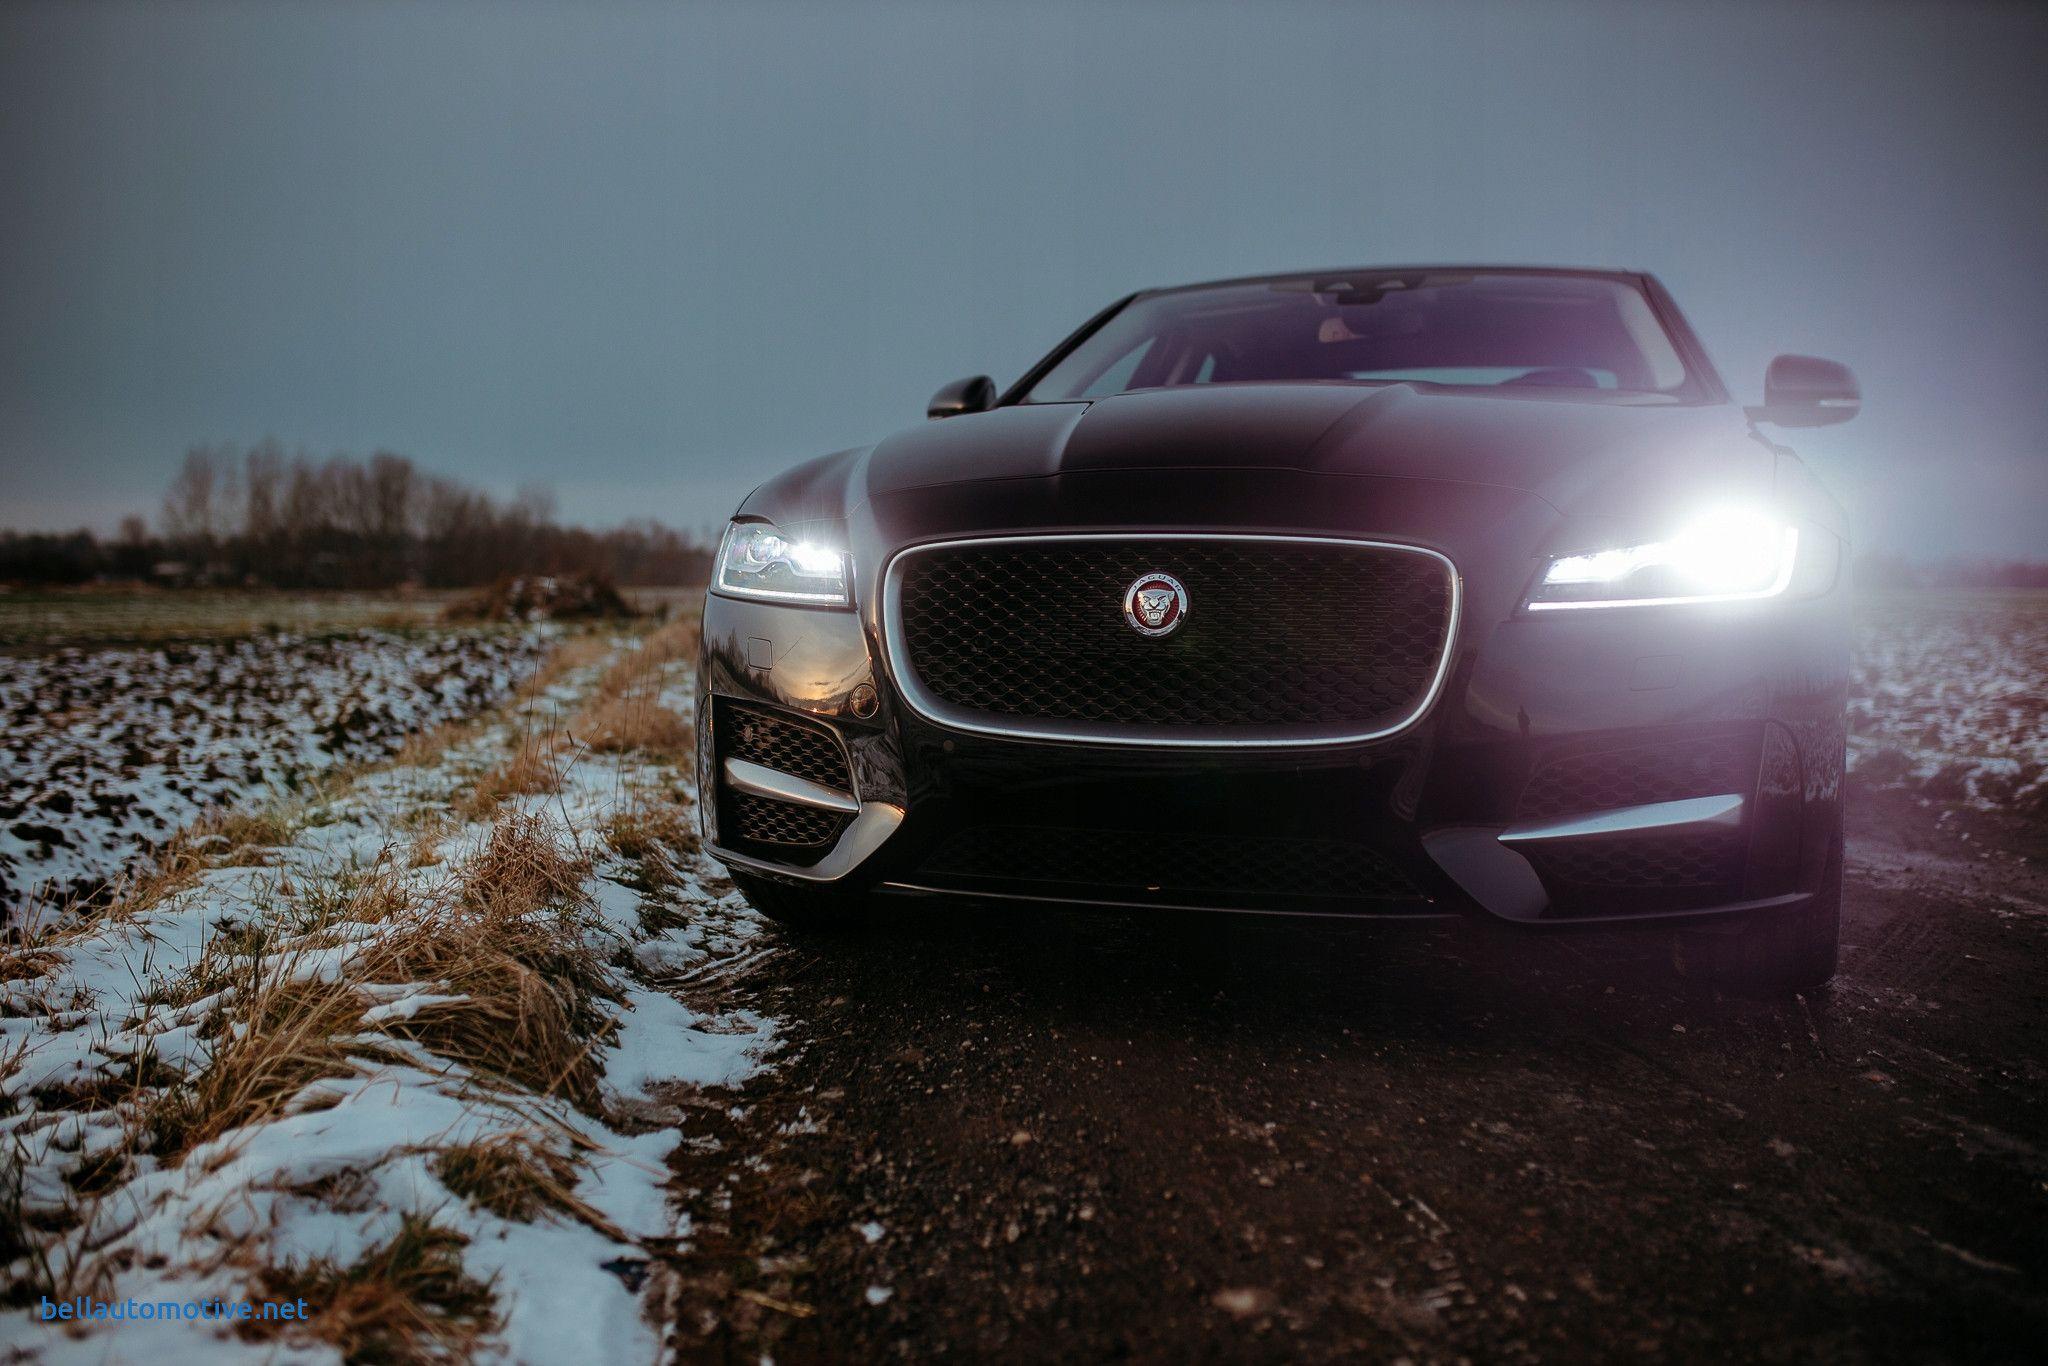 Allegroexpress Dºnƒd D N Nœ N D D N N D D Dºd D D D Dÿd D Nœnˆd N Allegro Cars Near Me Jaguar Car Pictures